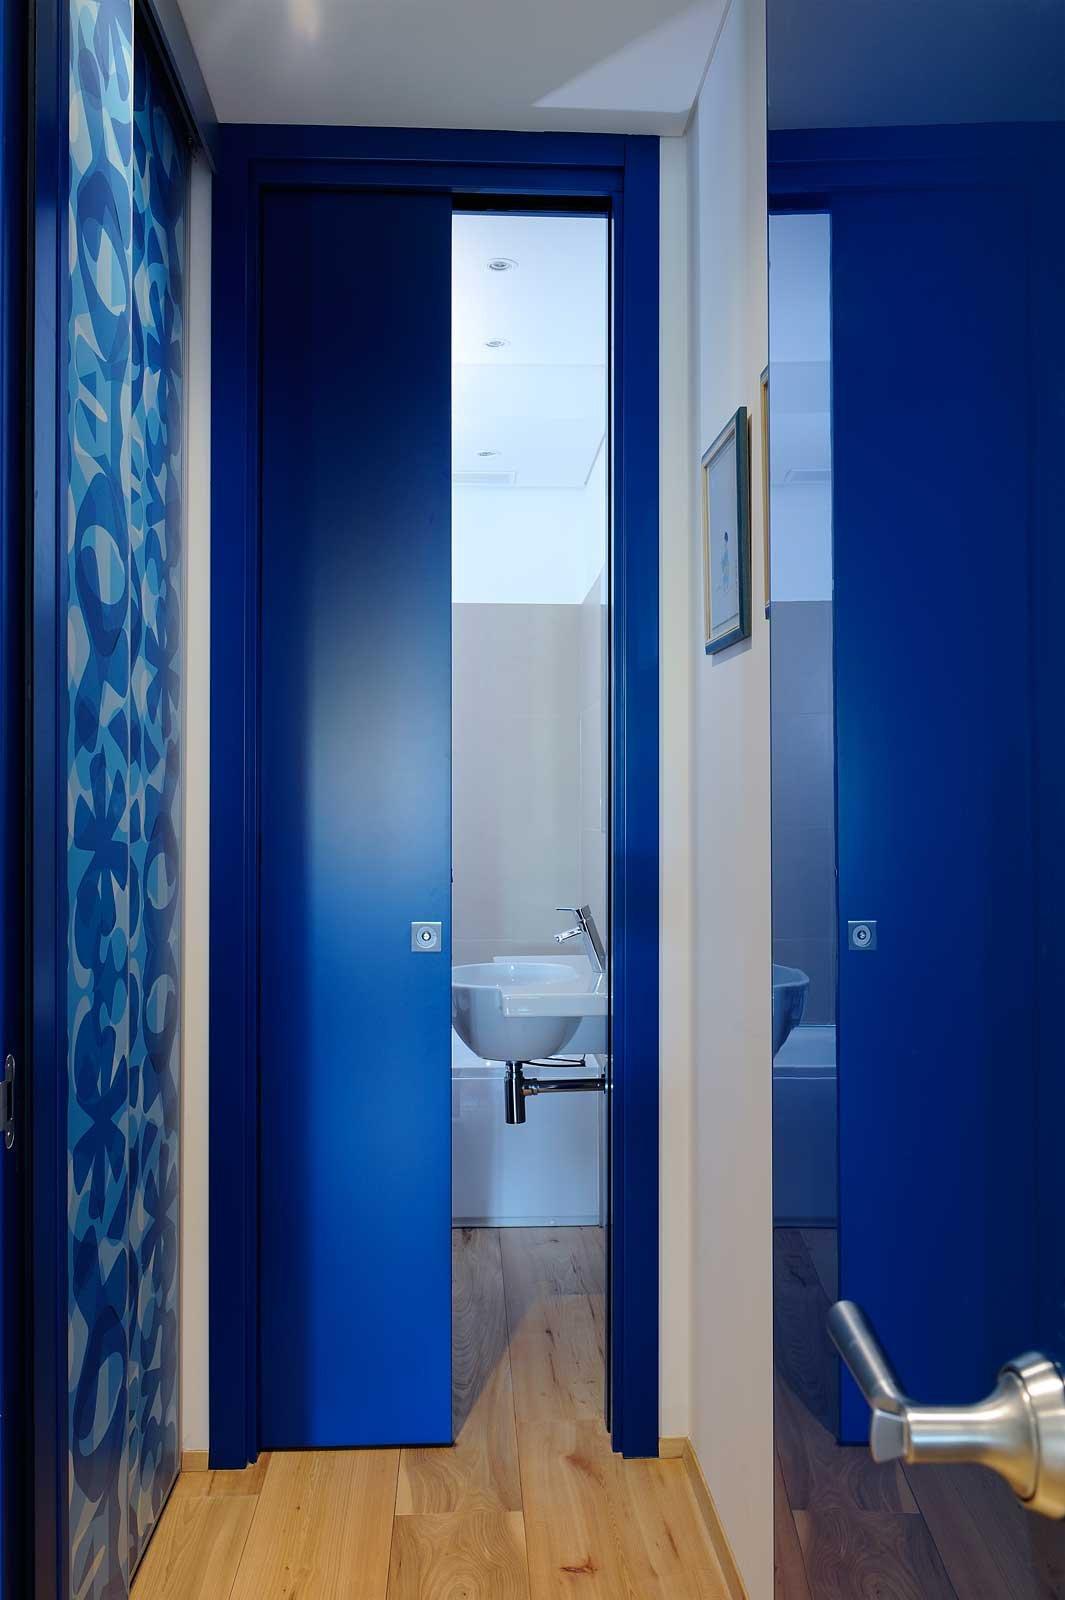 Come scegliere la porta scorrevole per il bagno - Cose di Casa